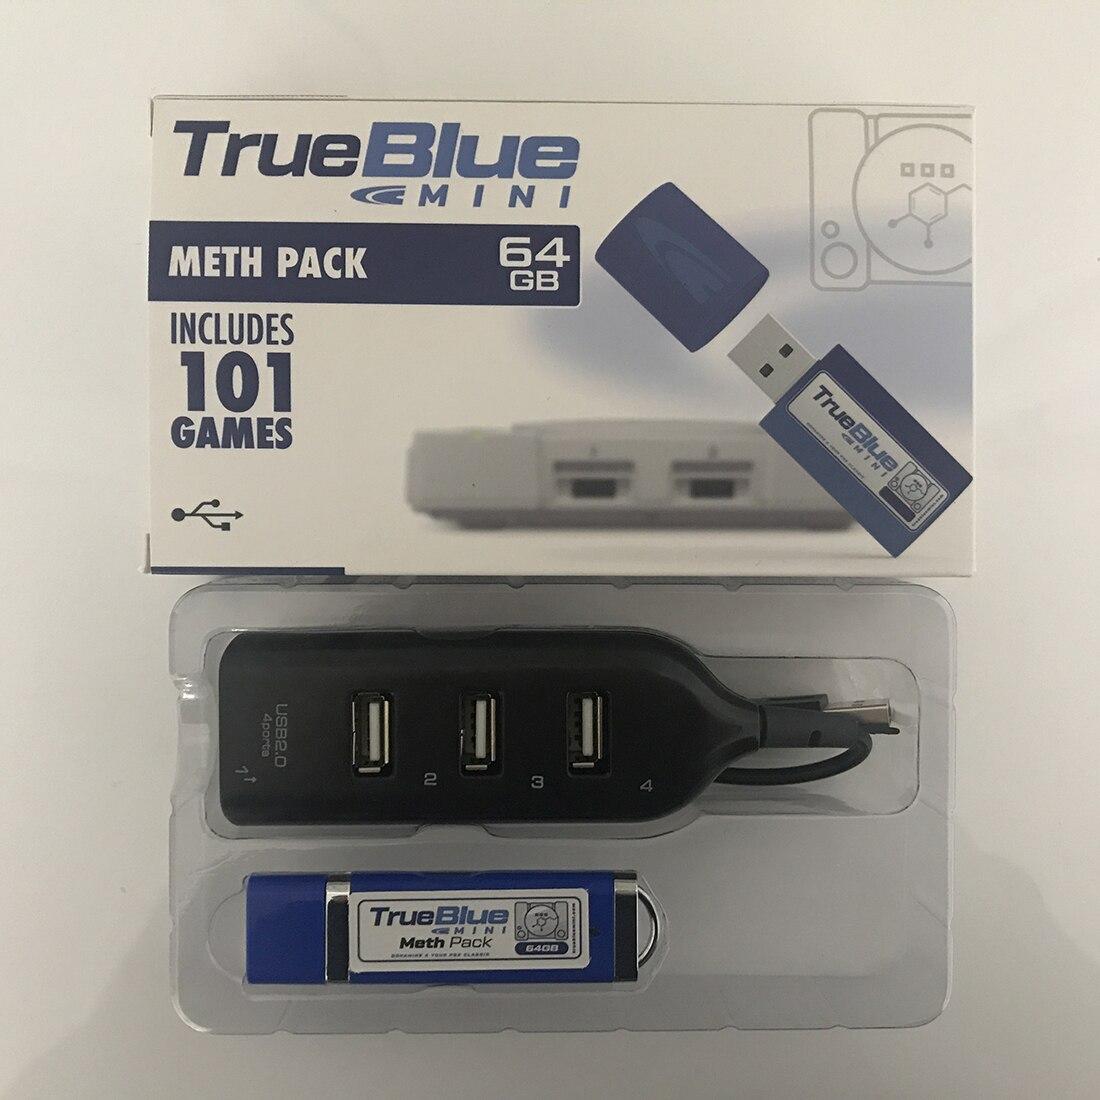 HOBBYINRC vrai bleu Mini 64G 101 jeux craquelé Pack + 64G 101 jeux Meth Pack pour PlayStation classique jeux & accessoires - 6